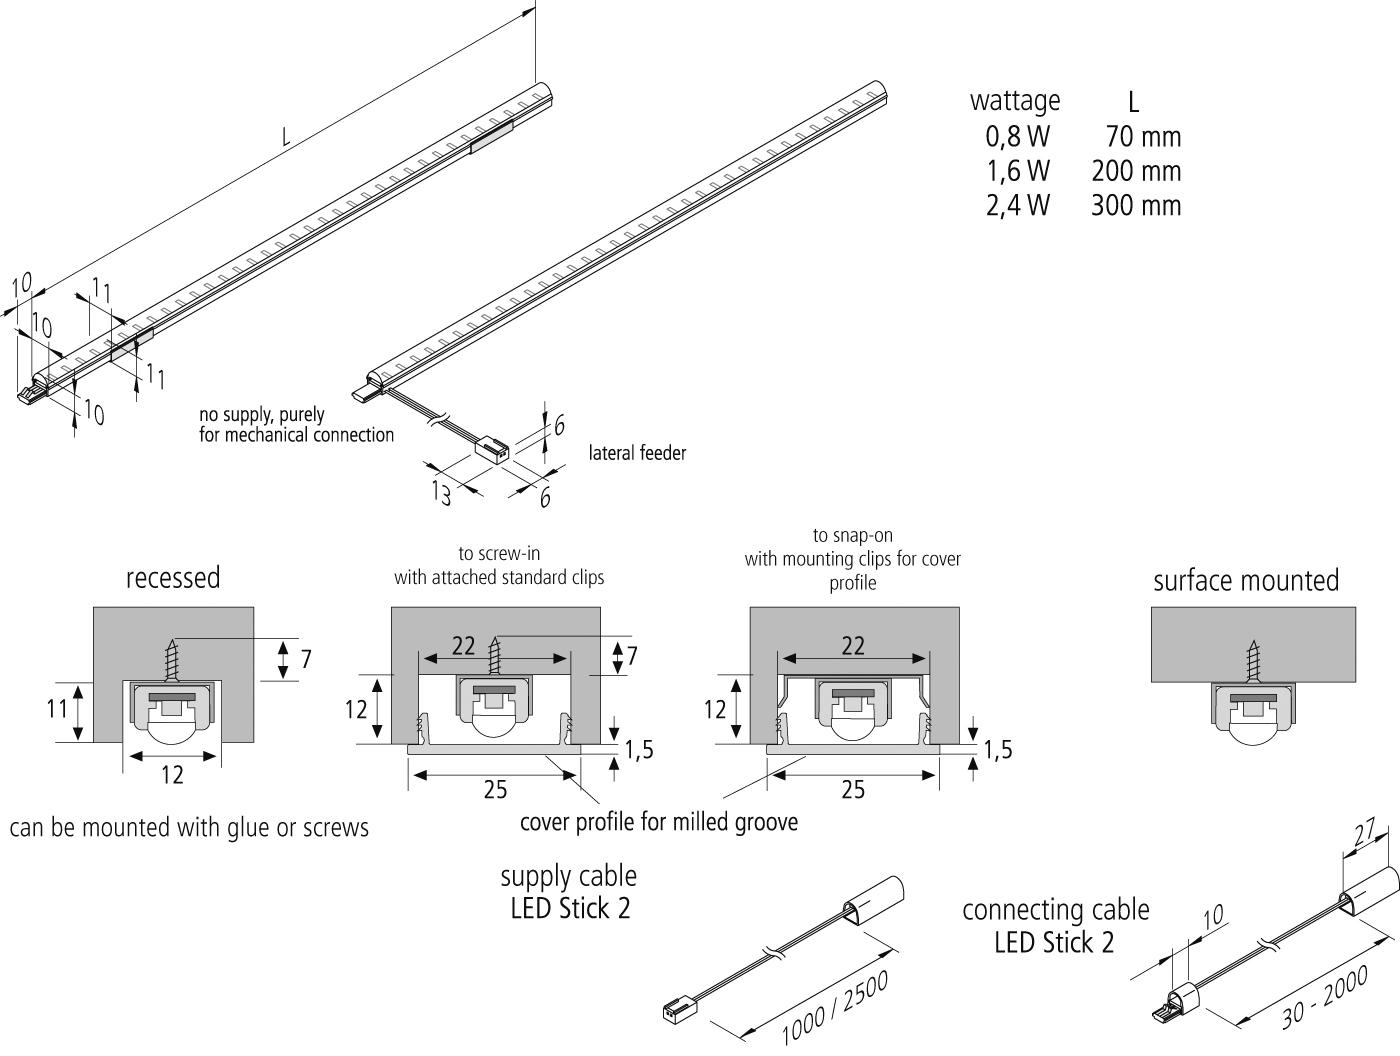 Preview: LED-Stick-2_vec_3D_en